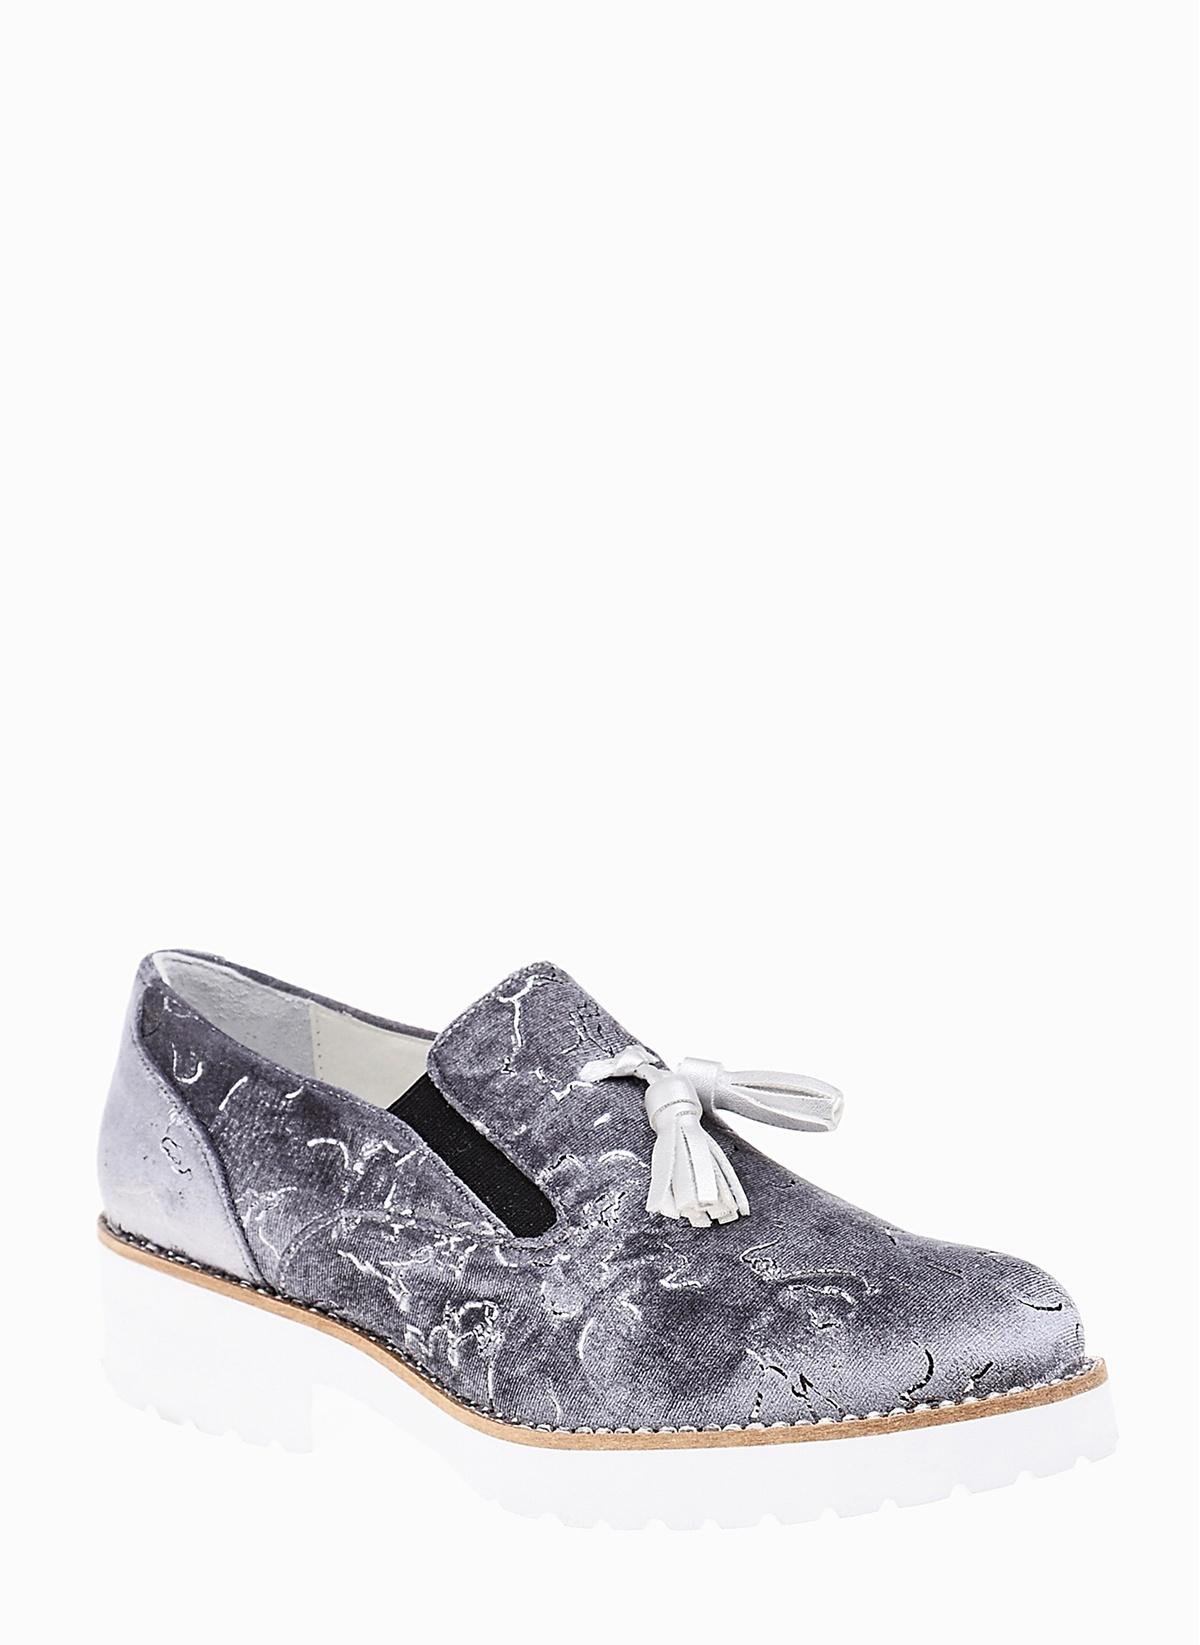 Divarese Loafer Ayakkabı 5021835 K Loafer – 219.0 TL